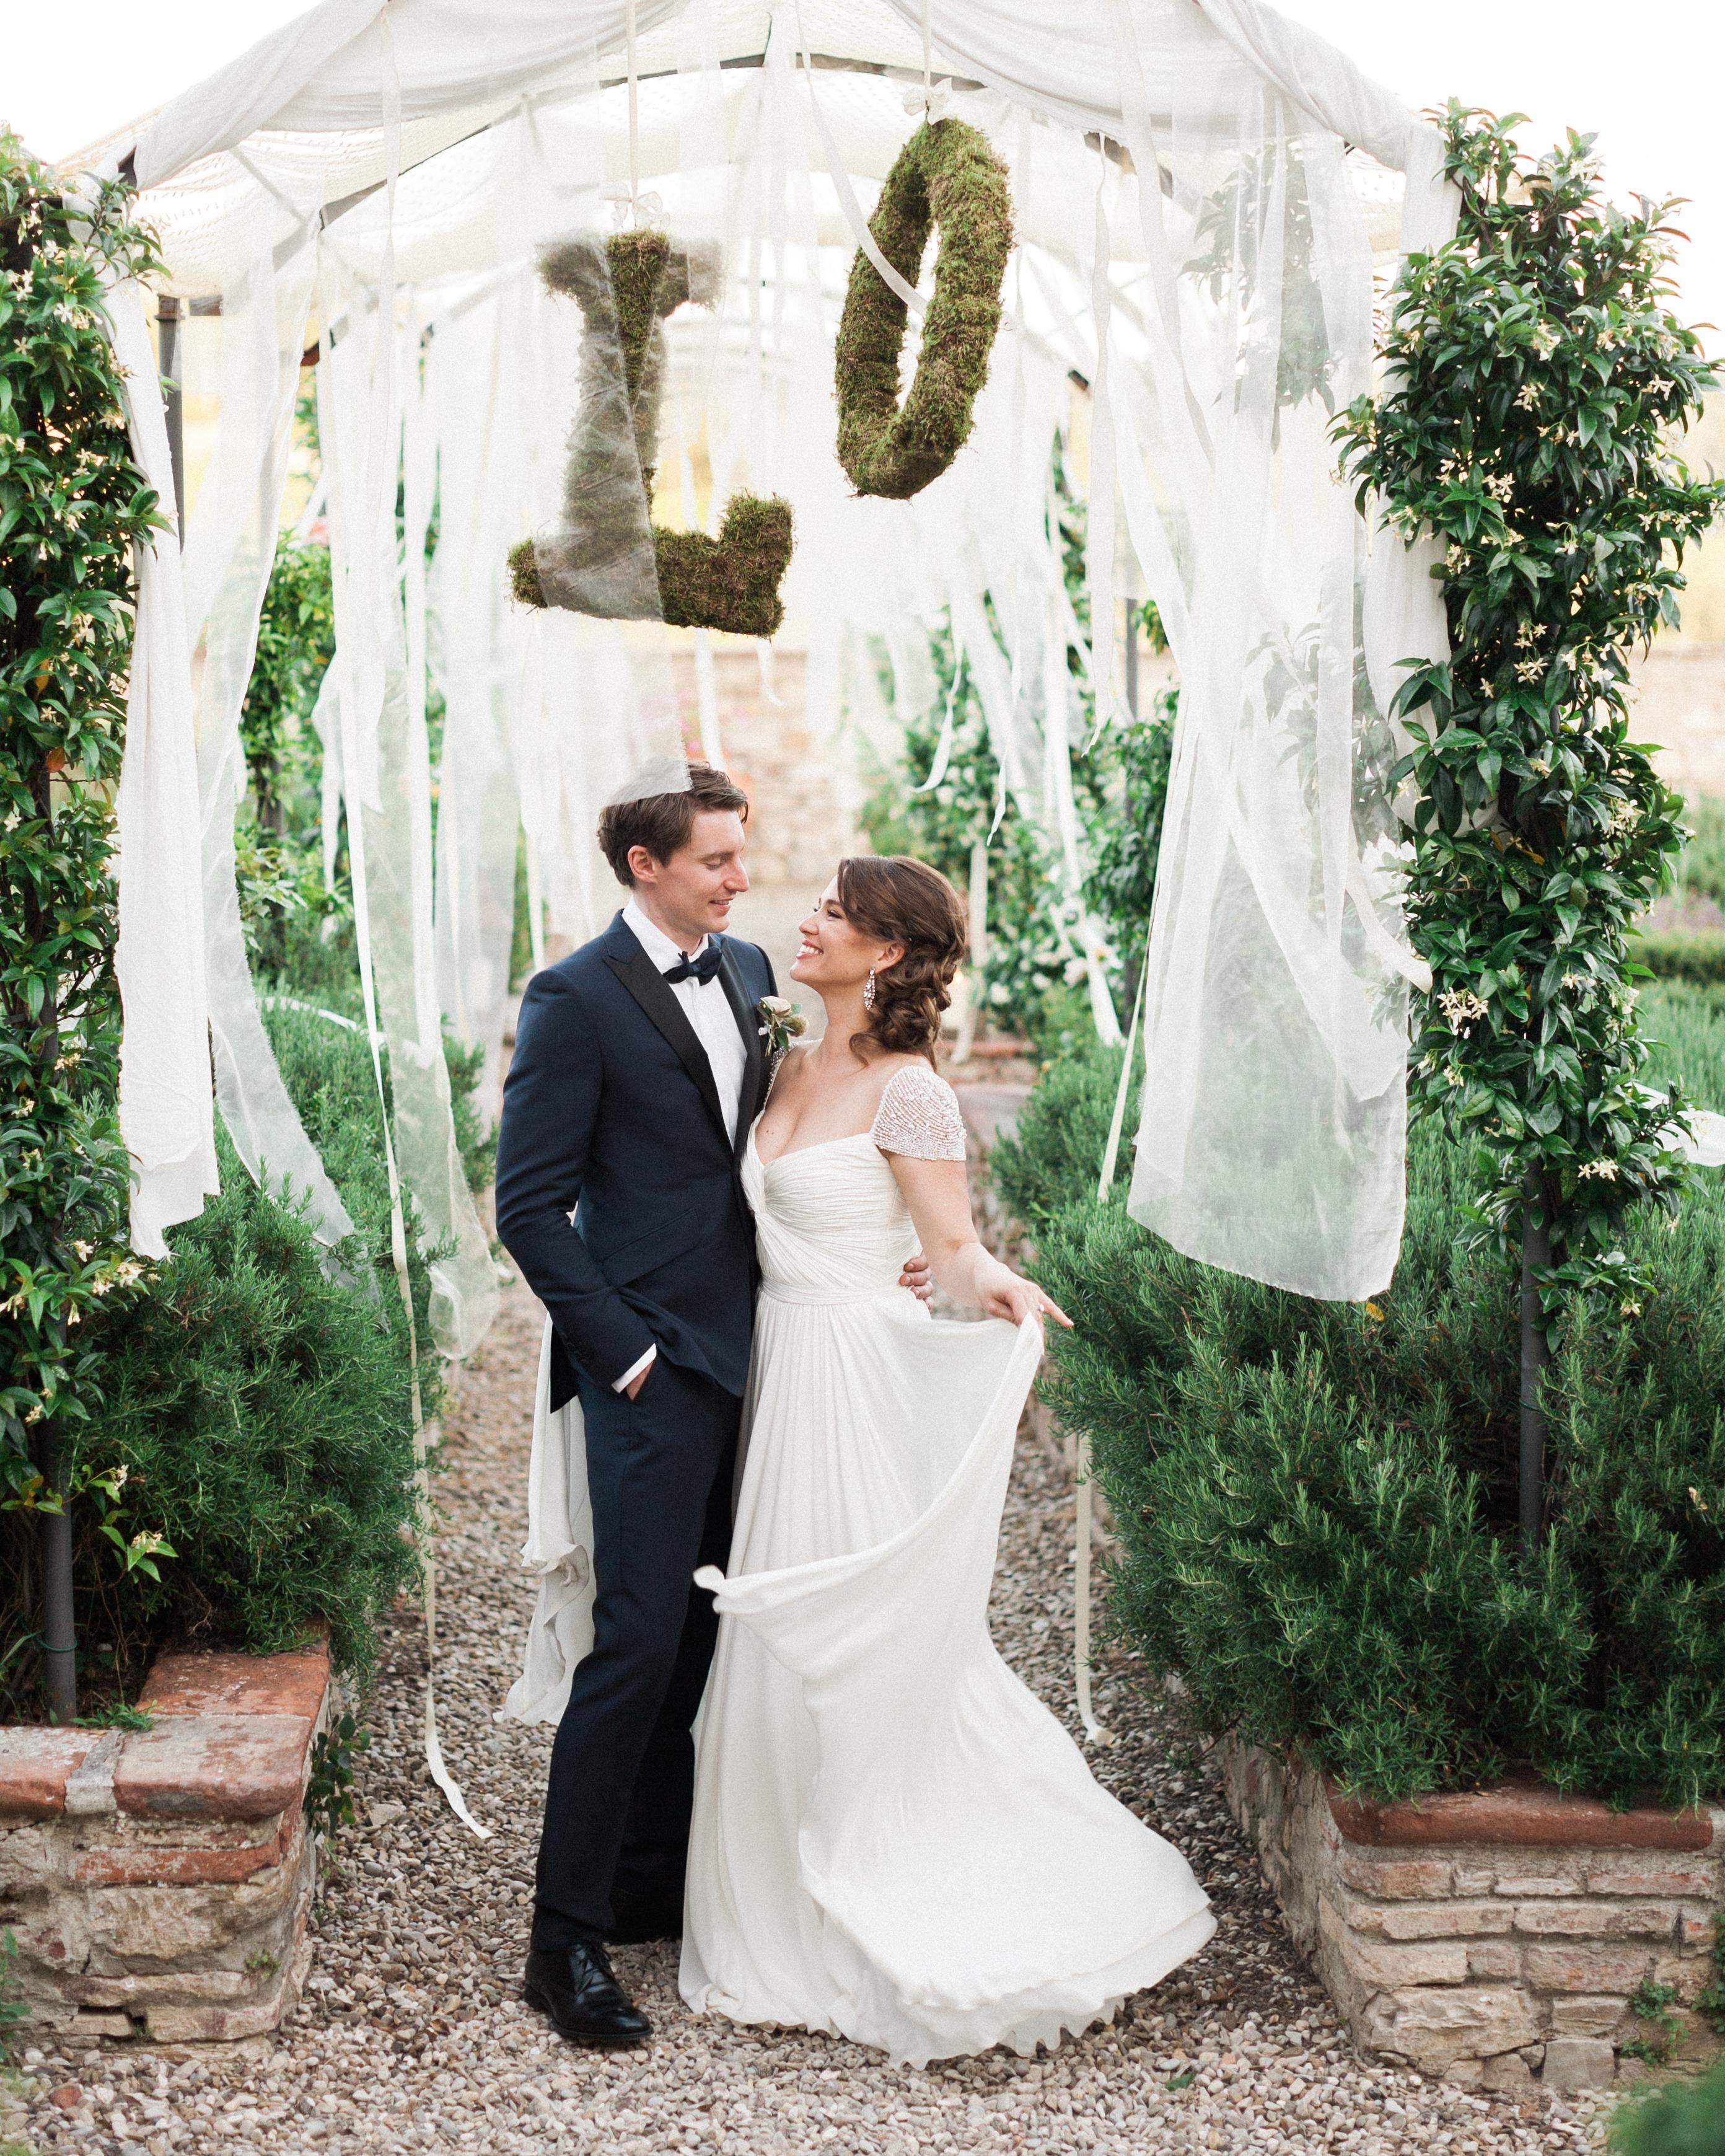 lauren-ollie-wedding-couple-439-s111895-0515.jpg